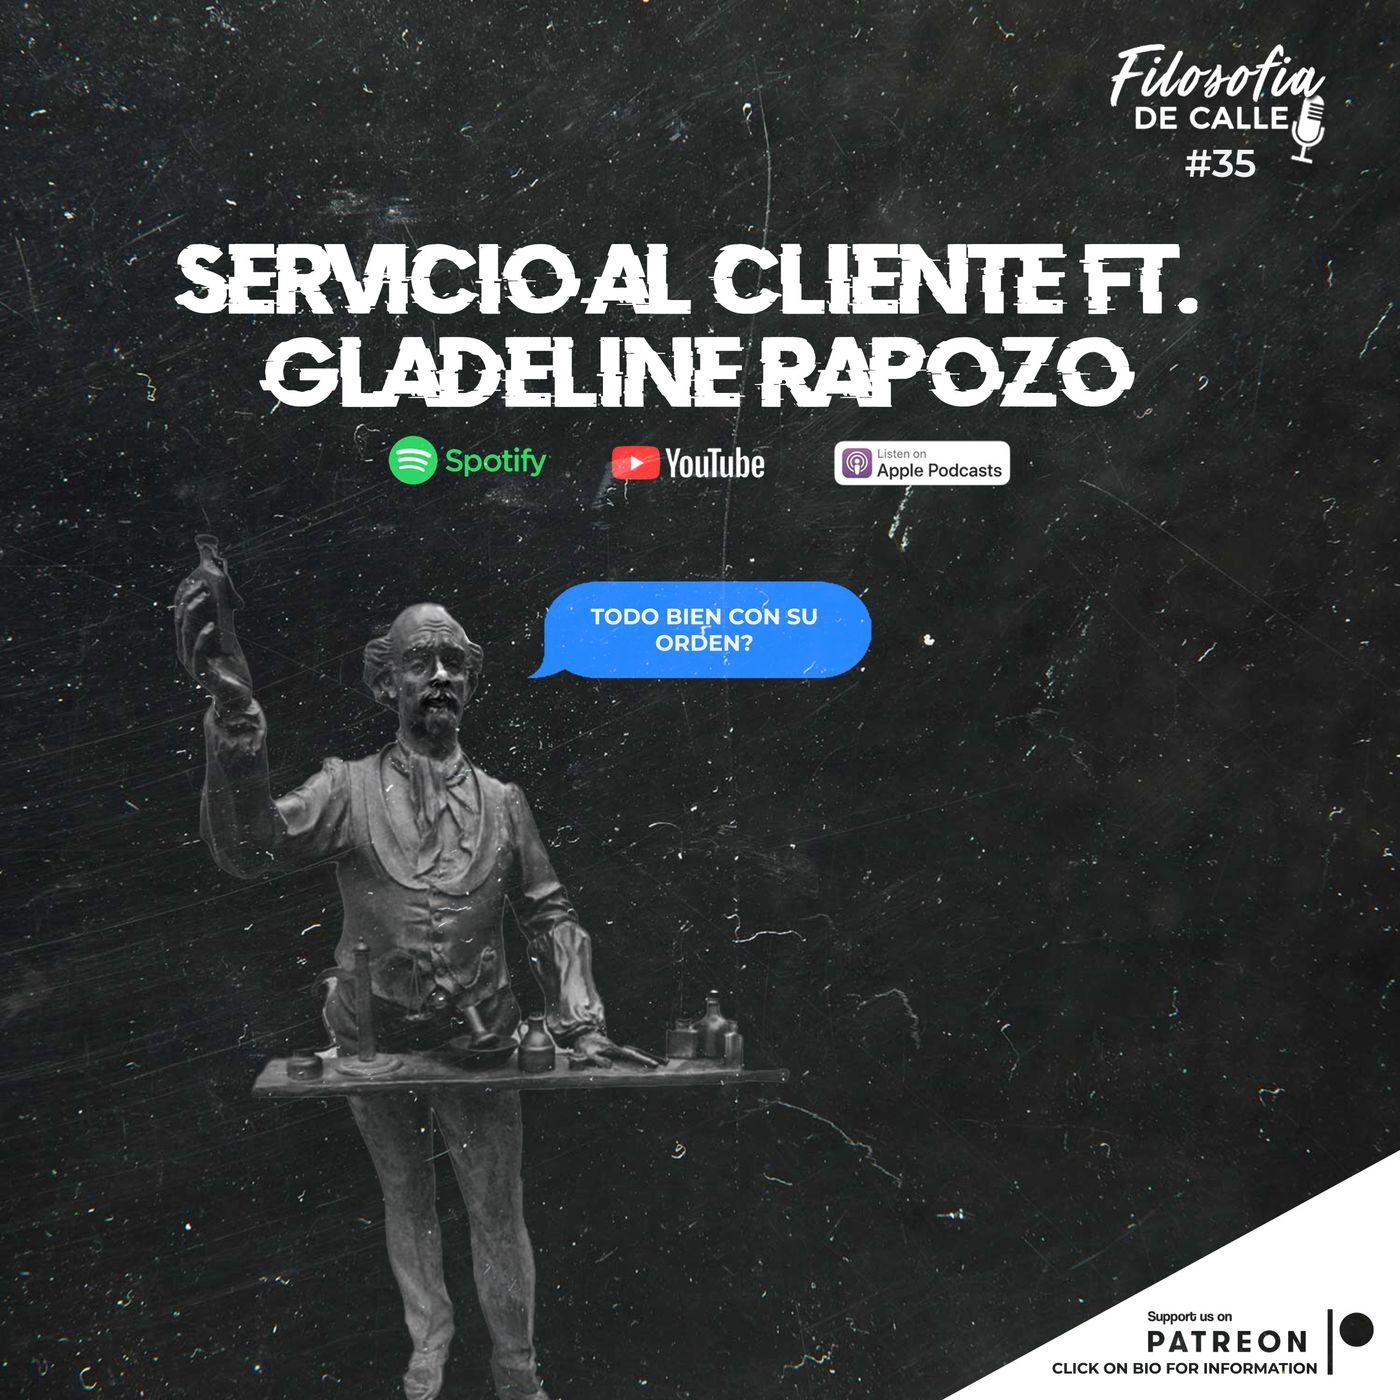 035. Servicio Al Cliente FT. Gladeline Rapozo